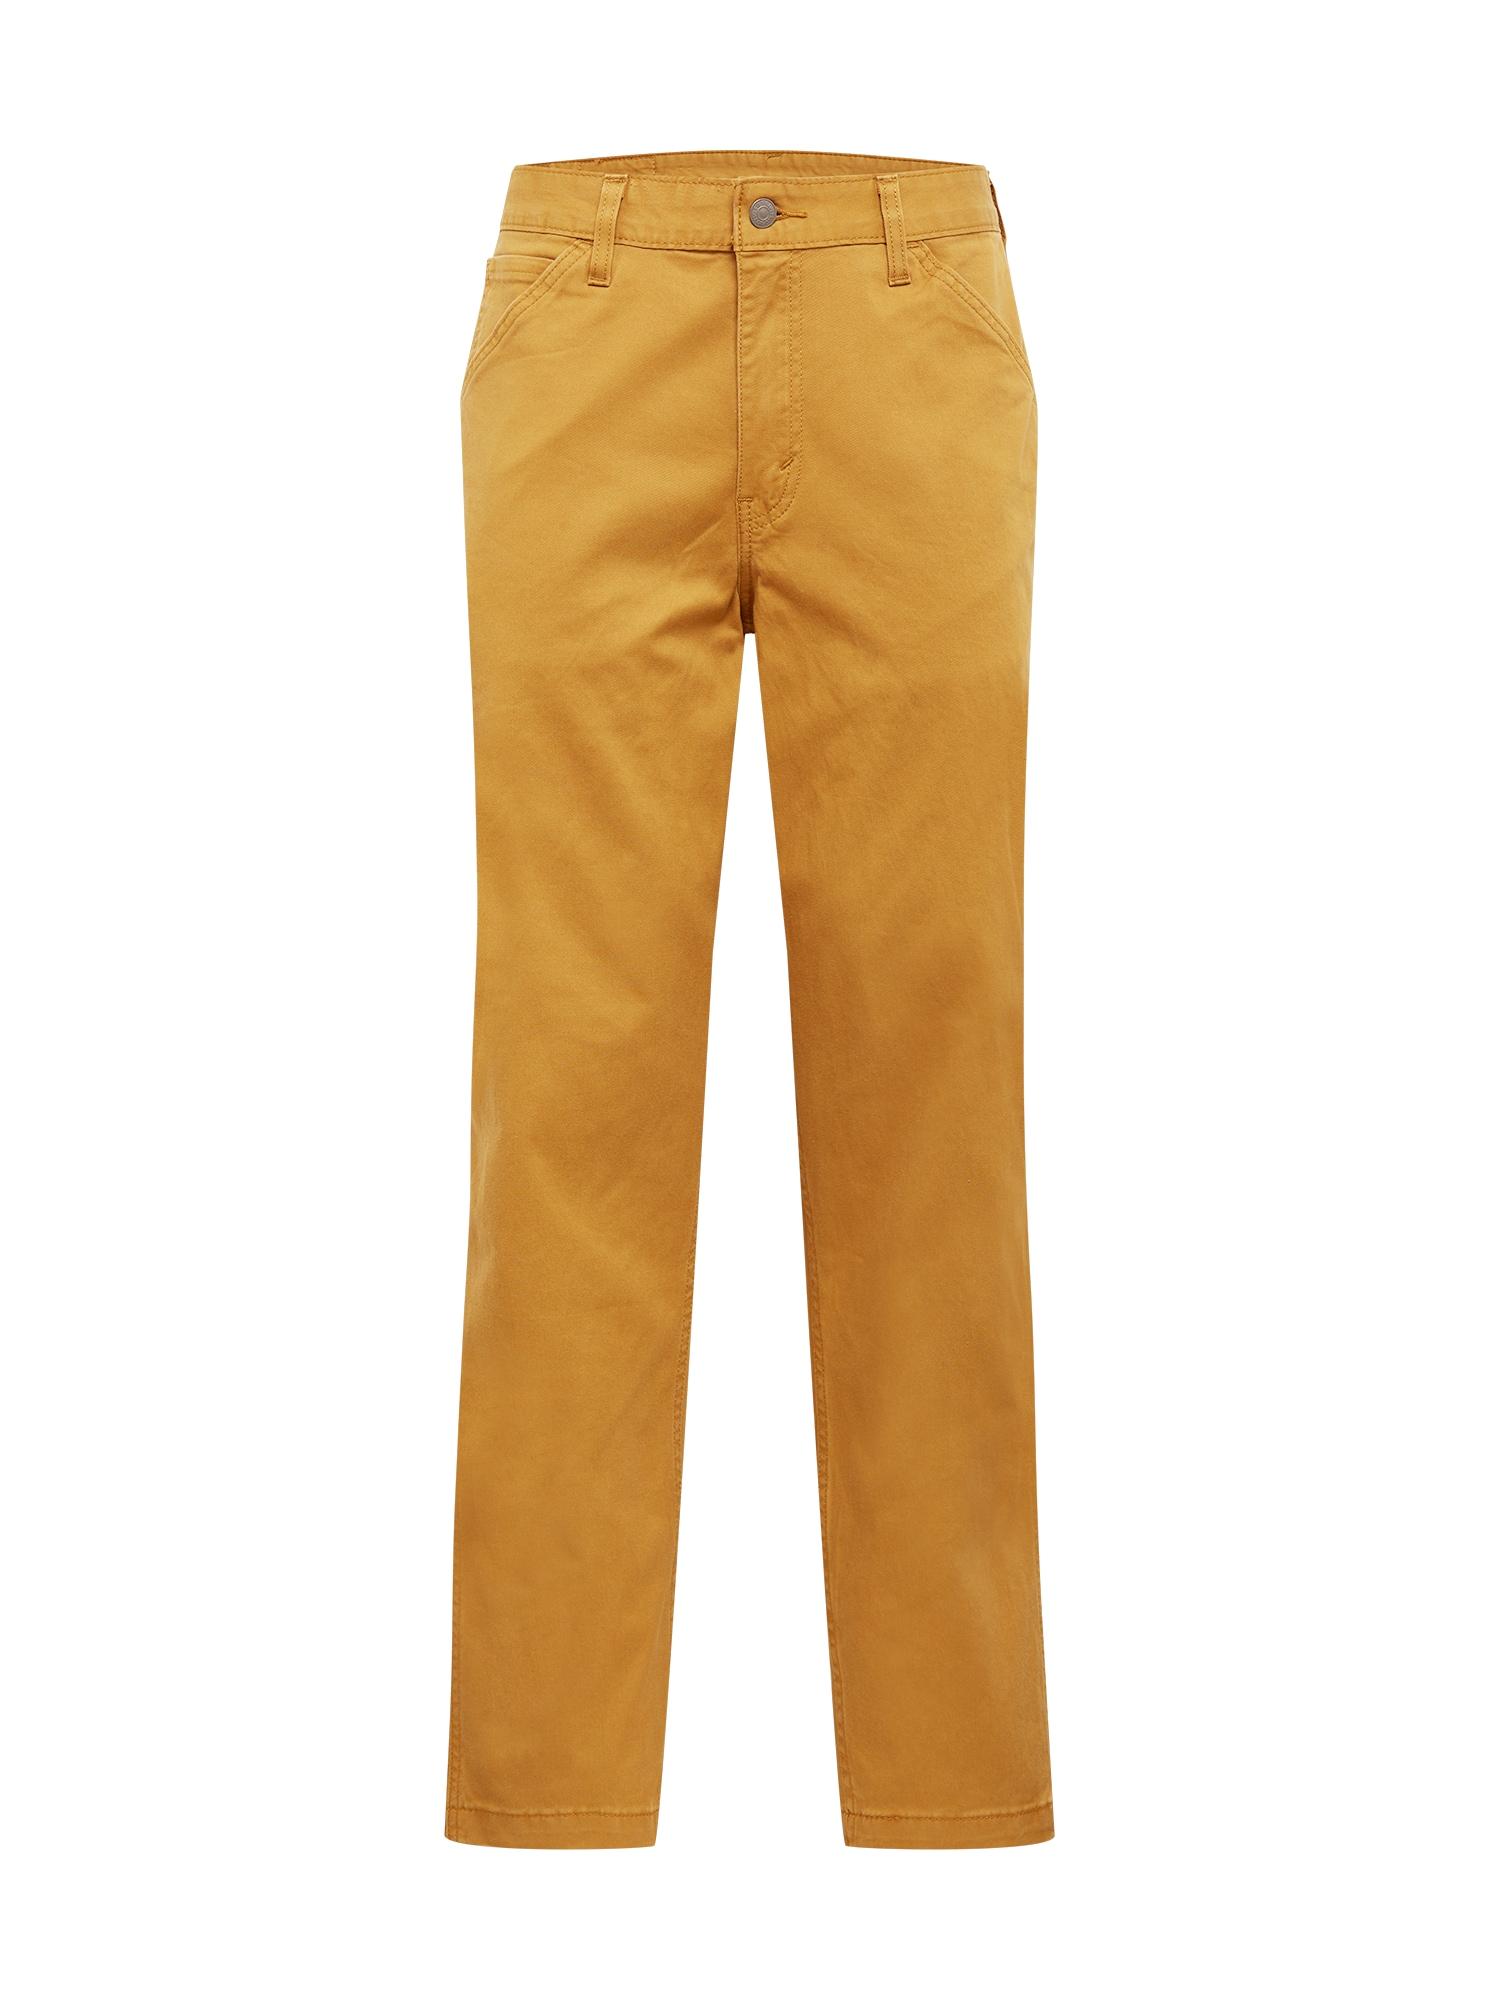 LEVI'S Darbinio stiliaus džinsai ruda